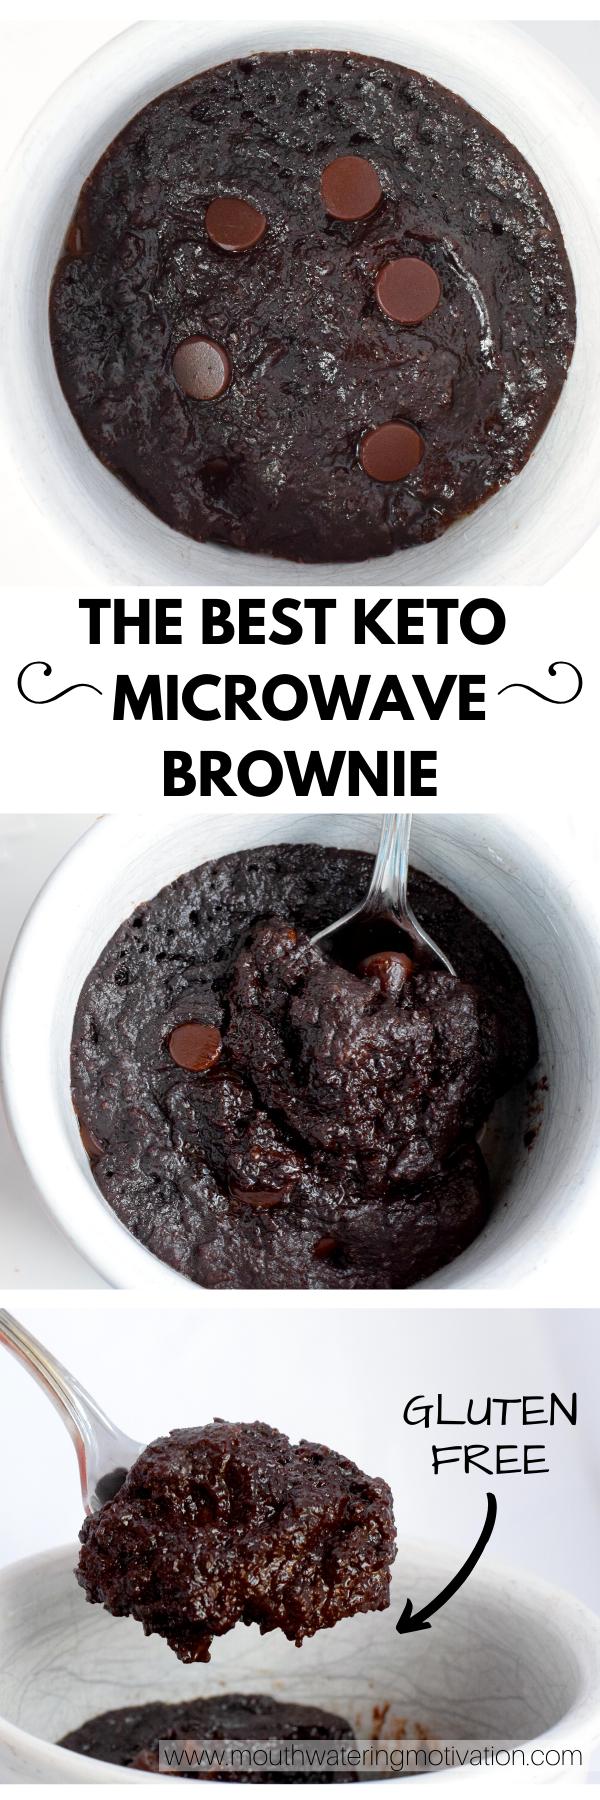 the best keto microwave brownie